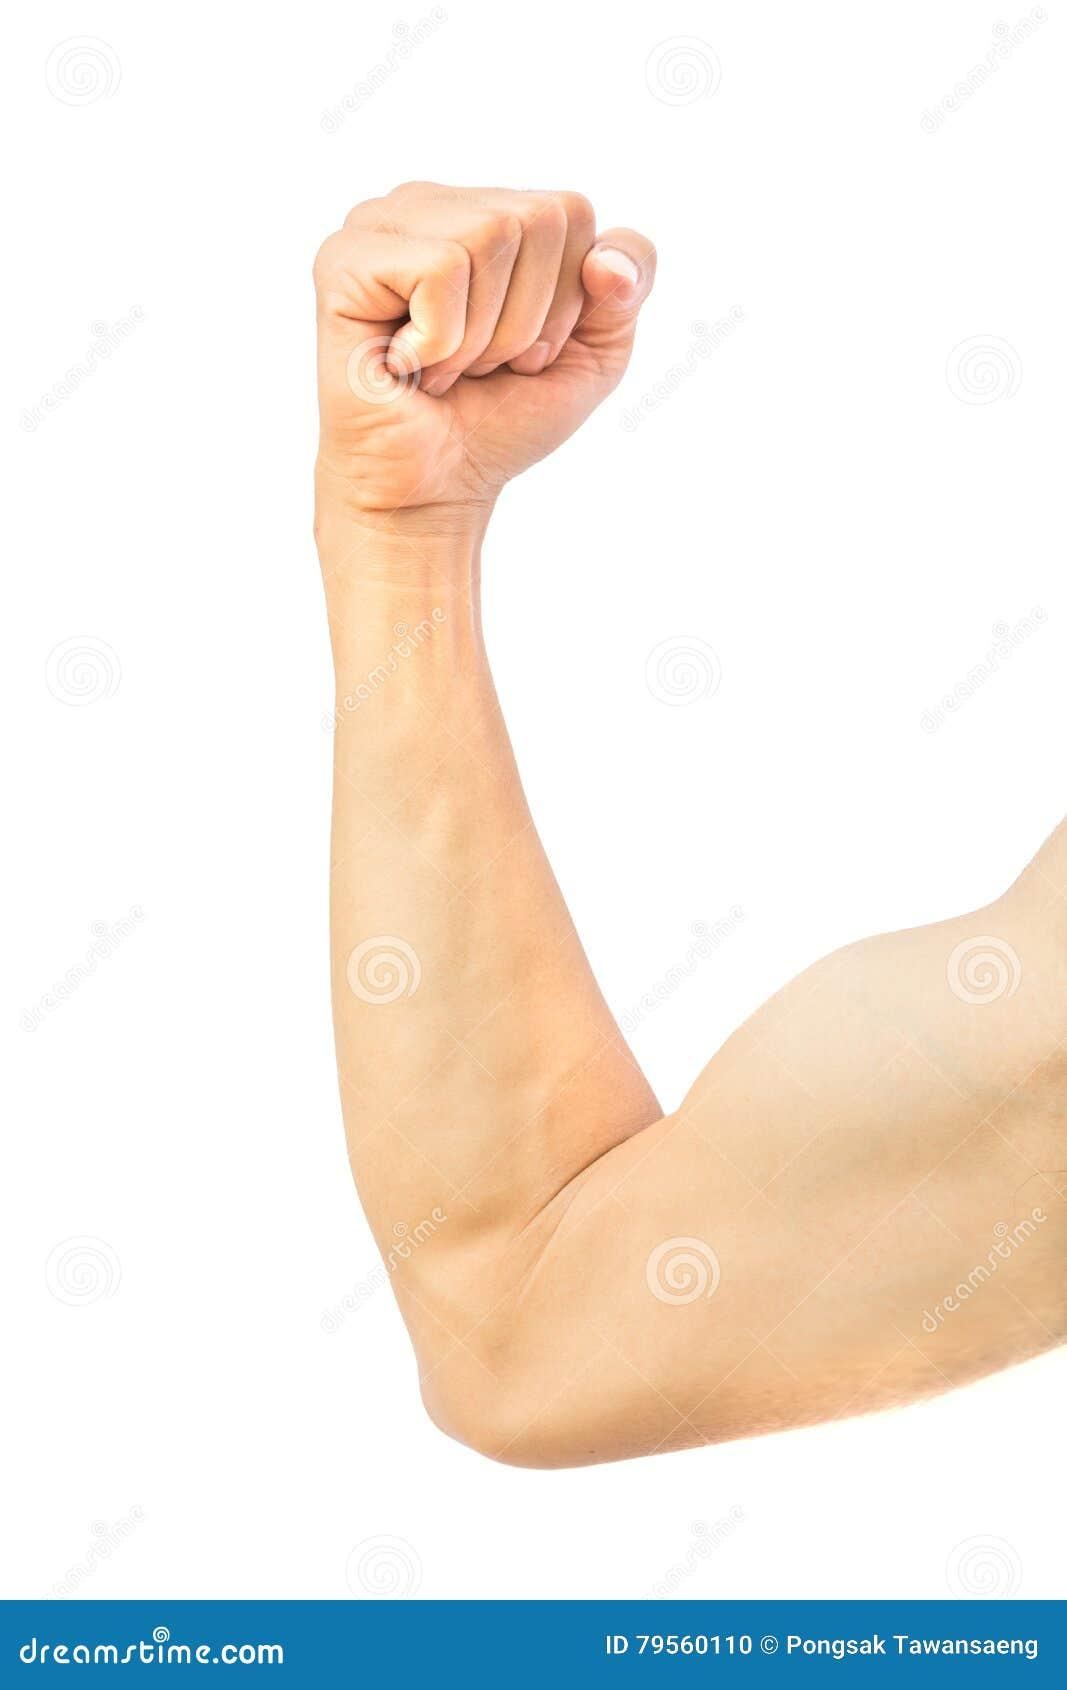 Ανθρώπινος βραχίονας ισχυρός με το μυ στο άσπρο υπόβαθρο, υγειονομική περίθαλψη ομο